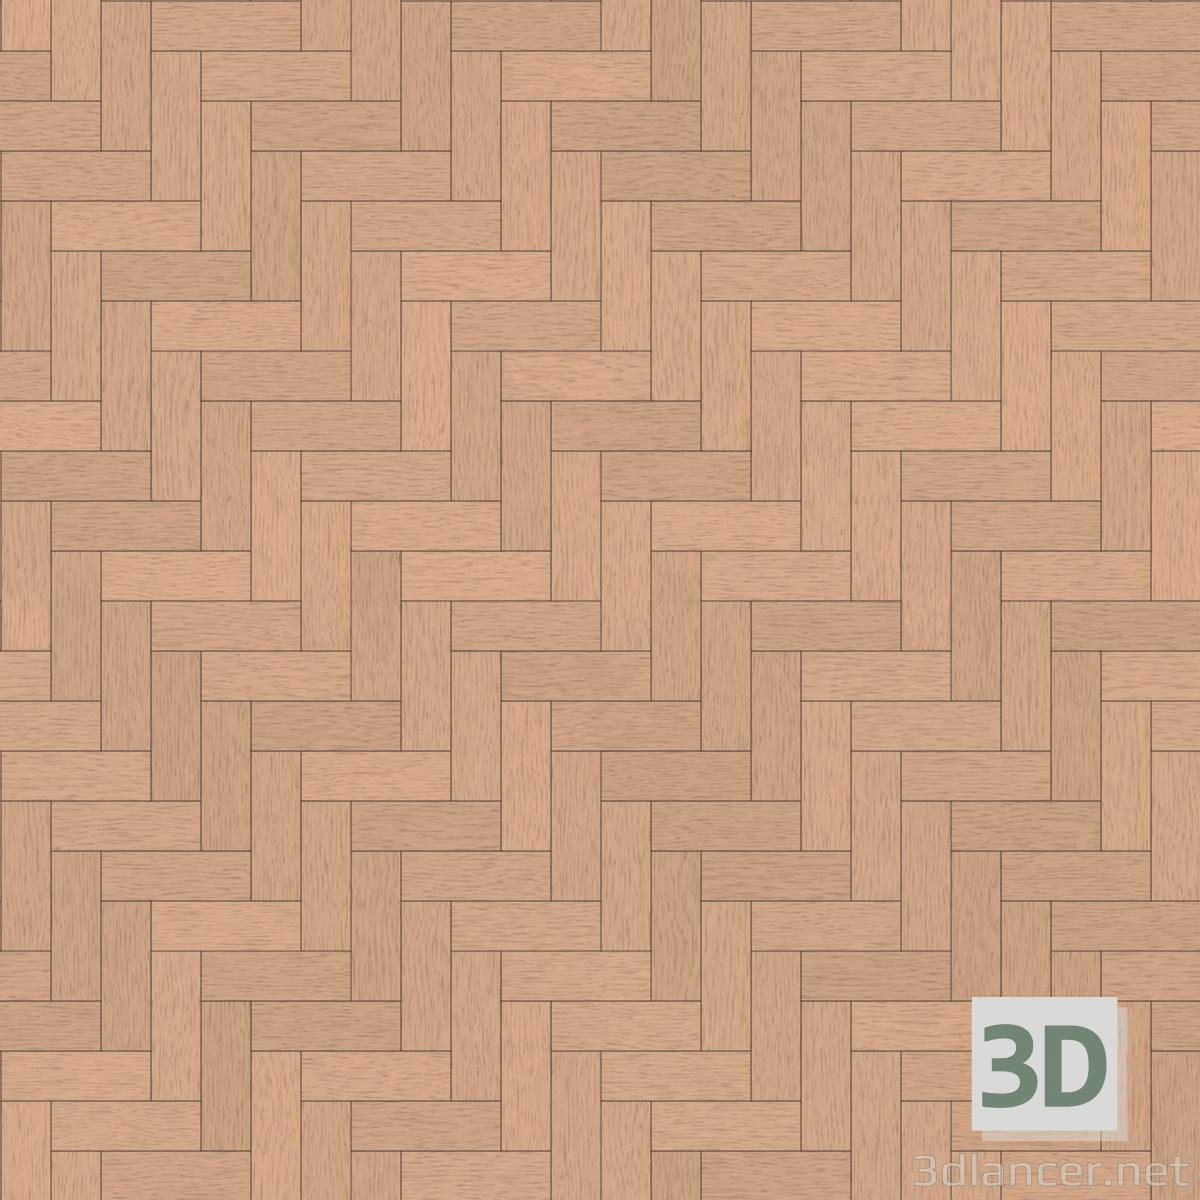 बनावट लकड़ी की बनावट मुफ्त डाउनलोड - छवि